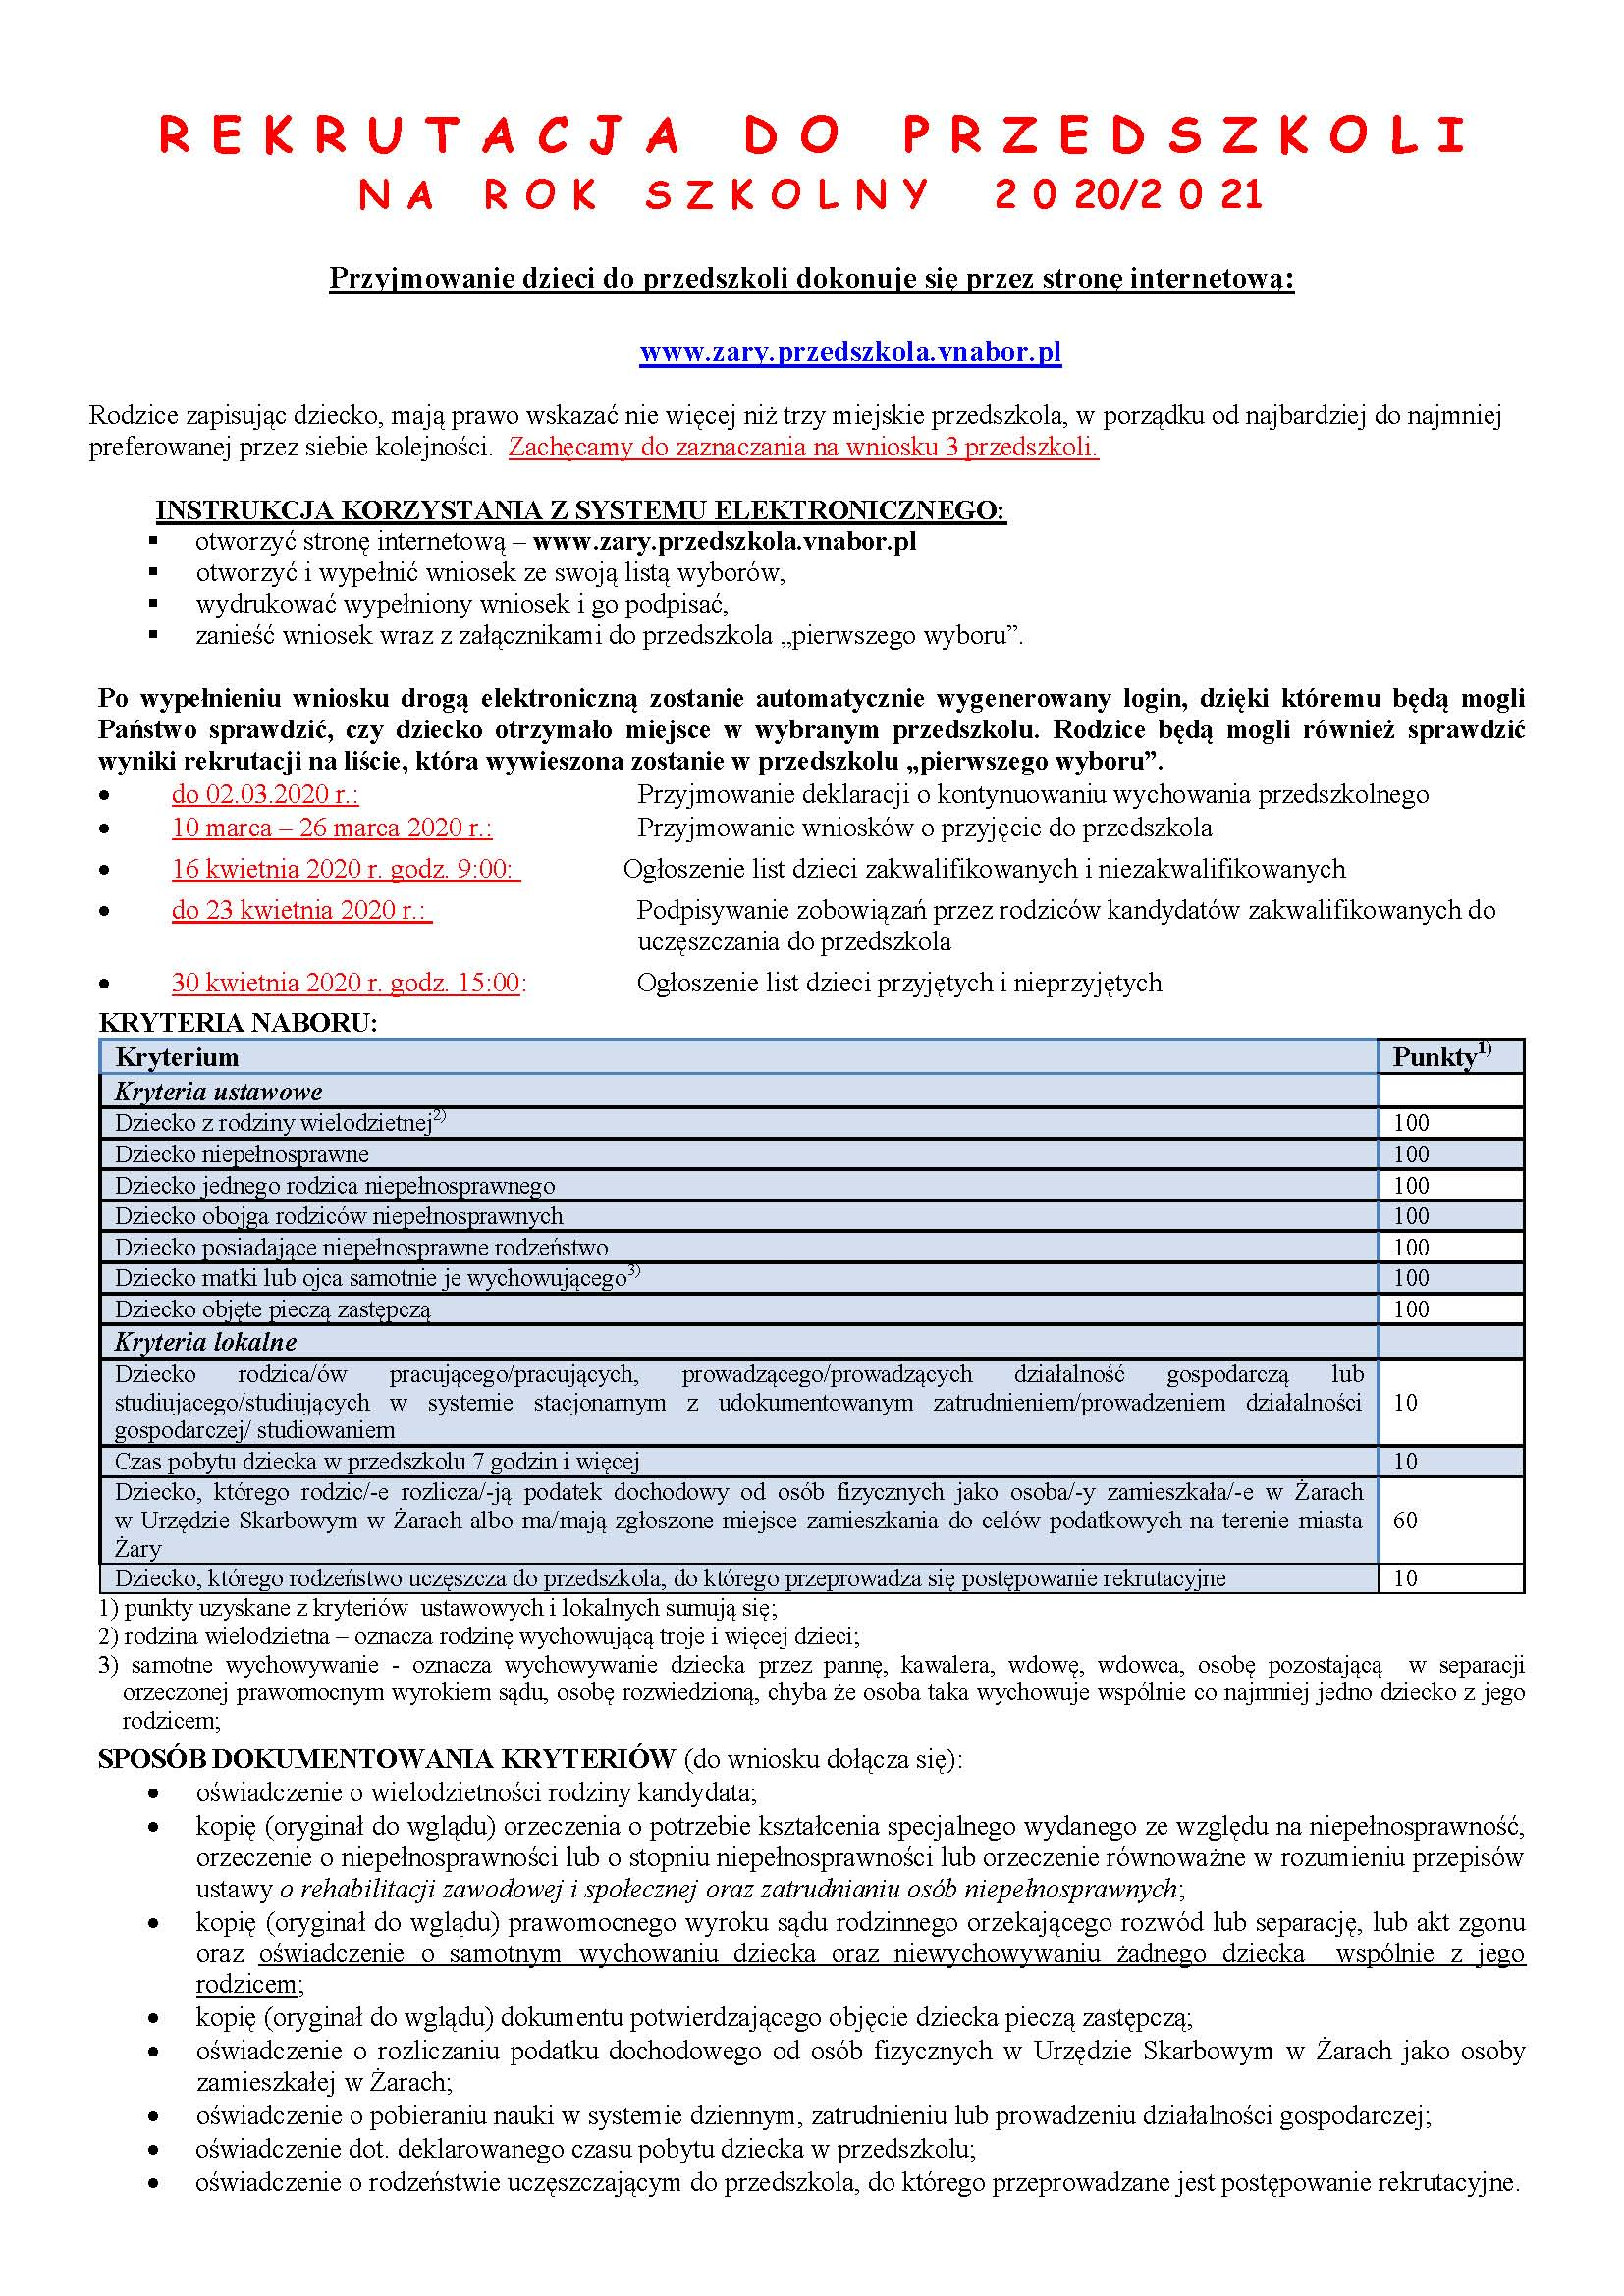 Ilustracja do informacji: Rekrutacja do przedszkoli na rok szkolny 2020/2021